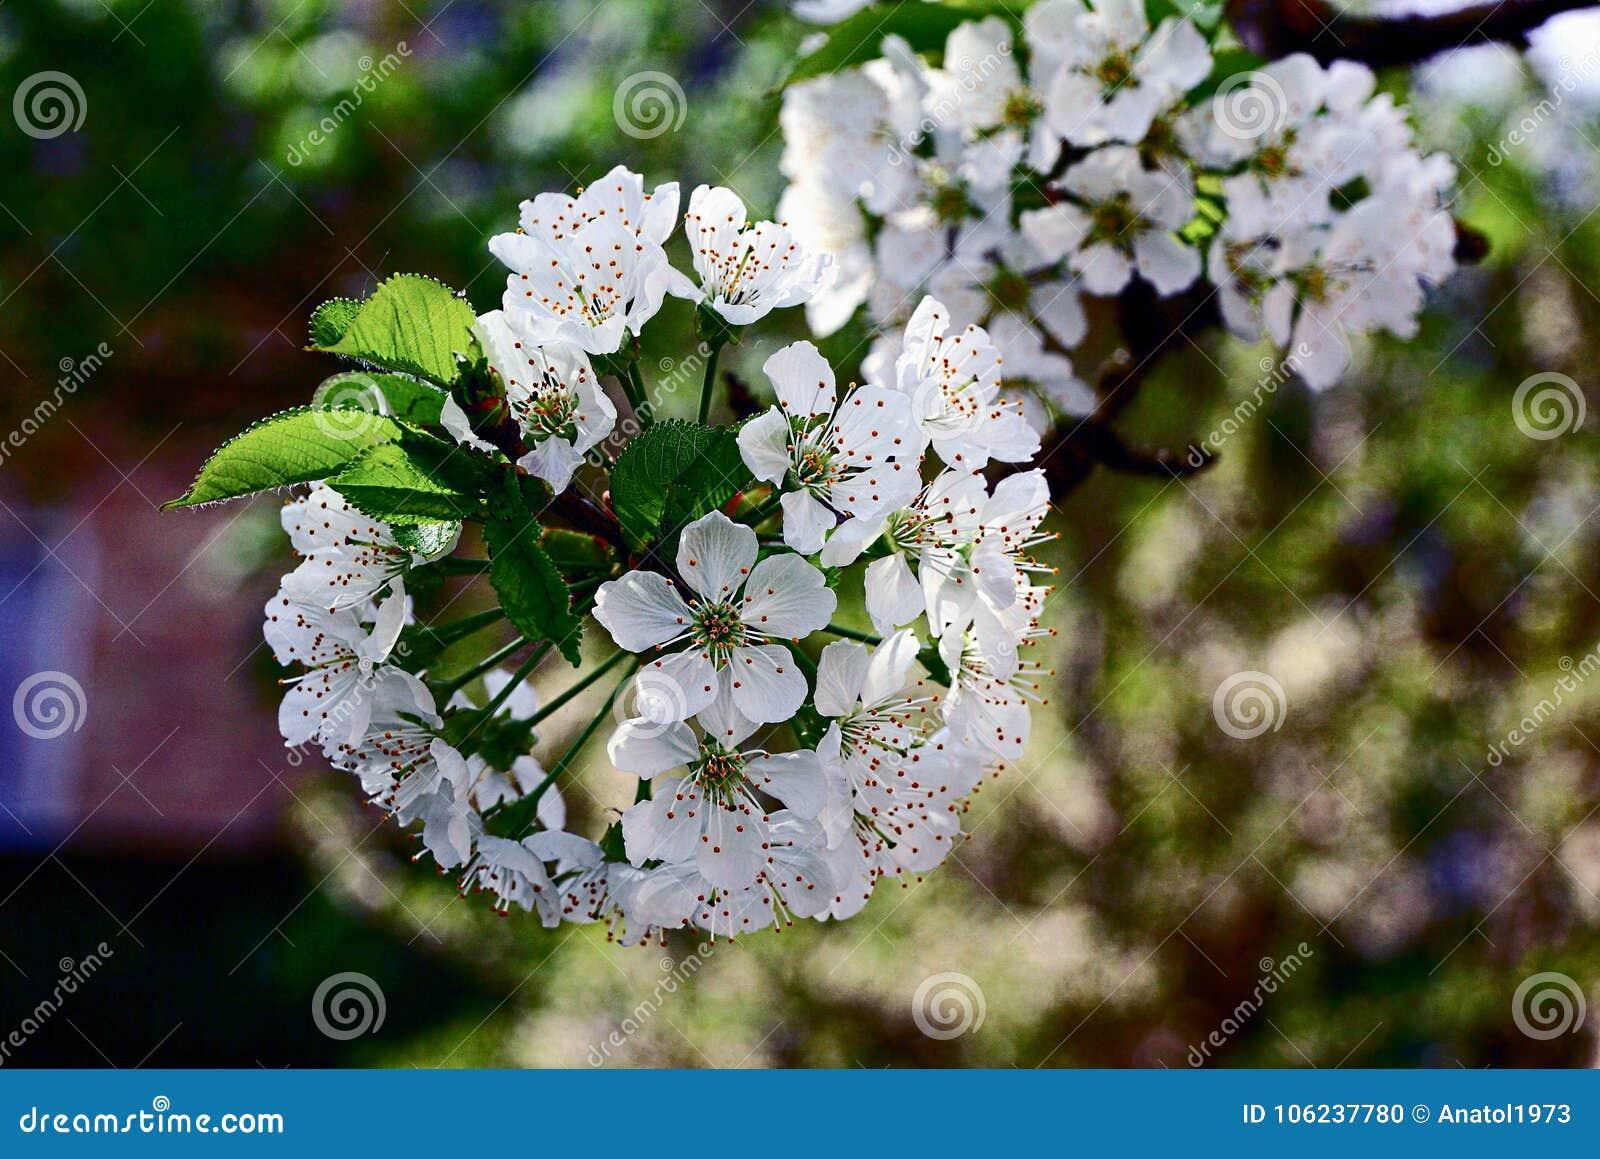 Les Petites Fleurs Blanches Sur Une Branche Avec Des Feuilles Sur Un